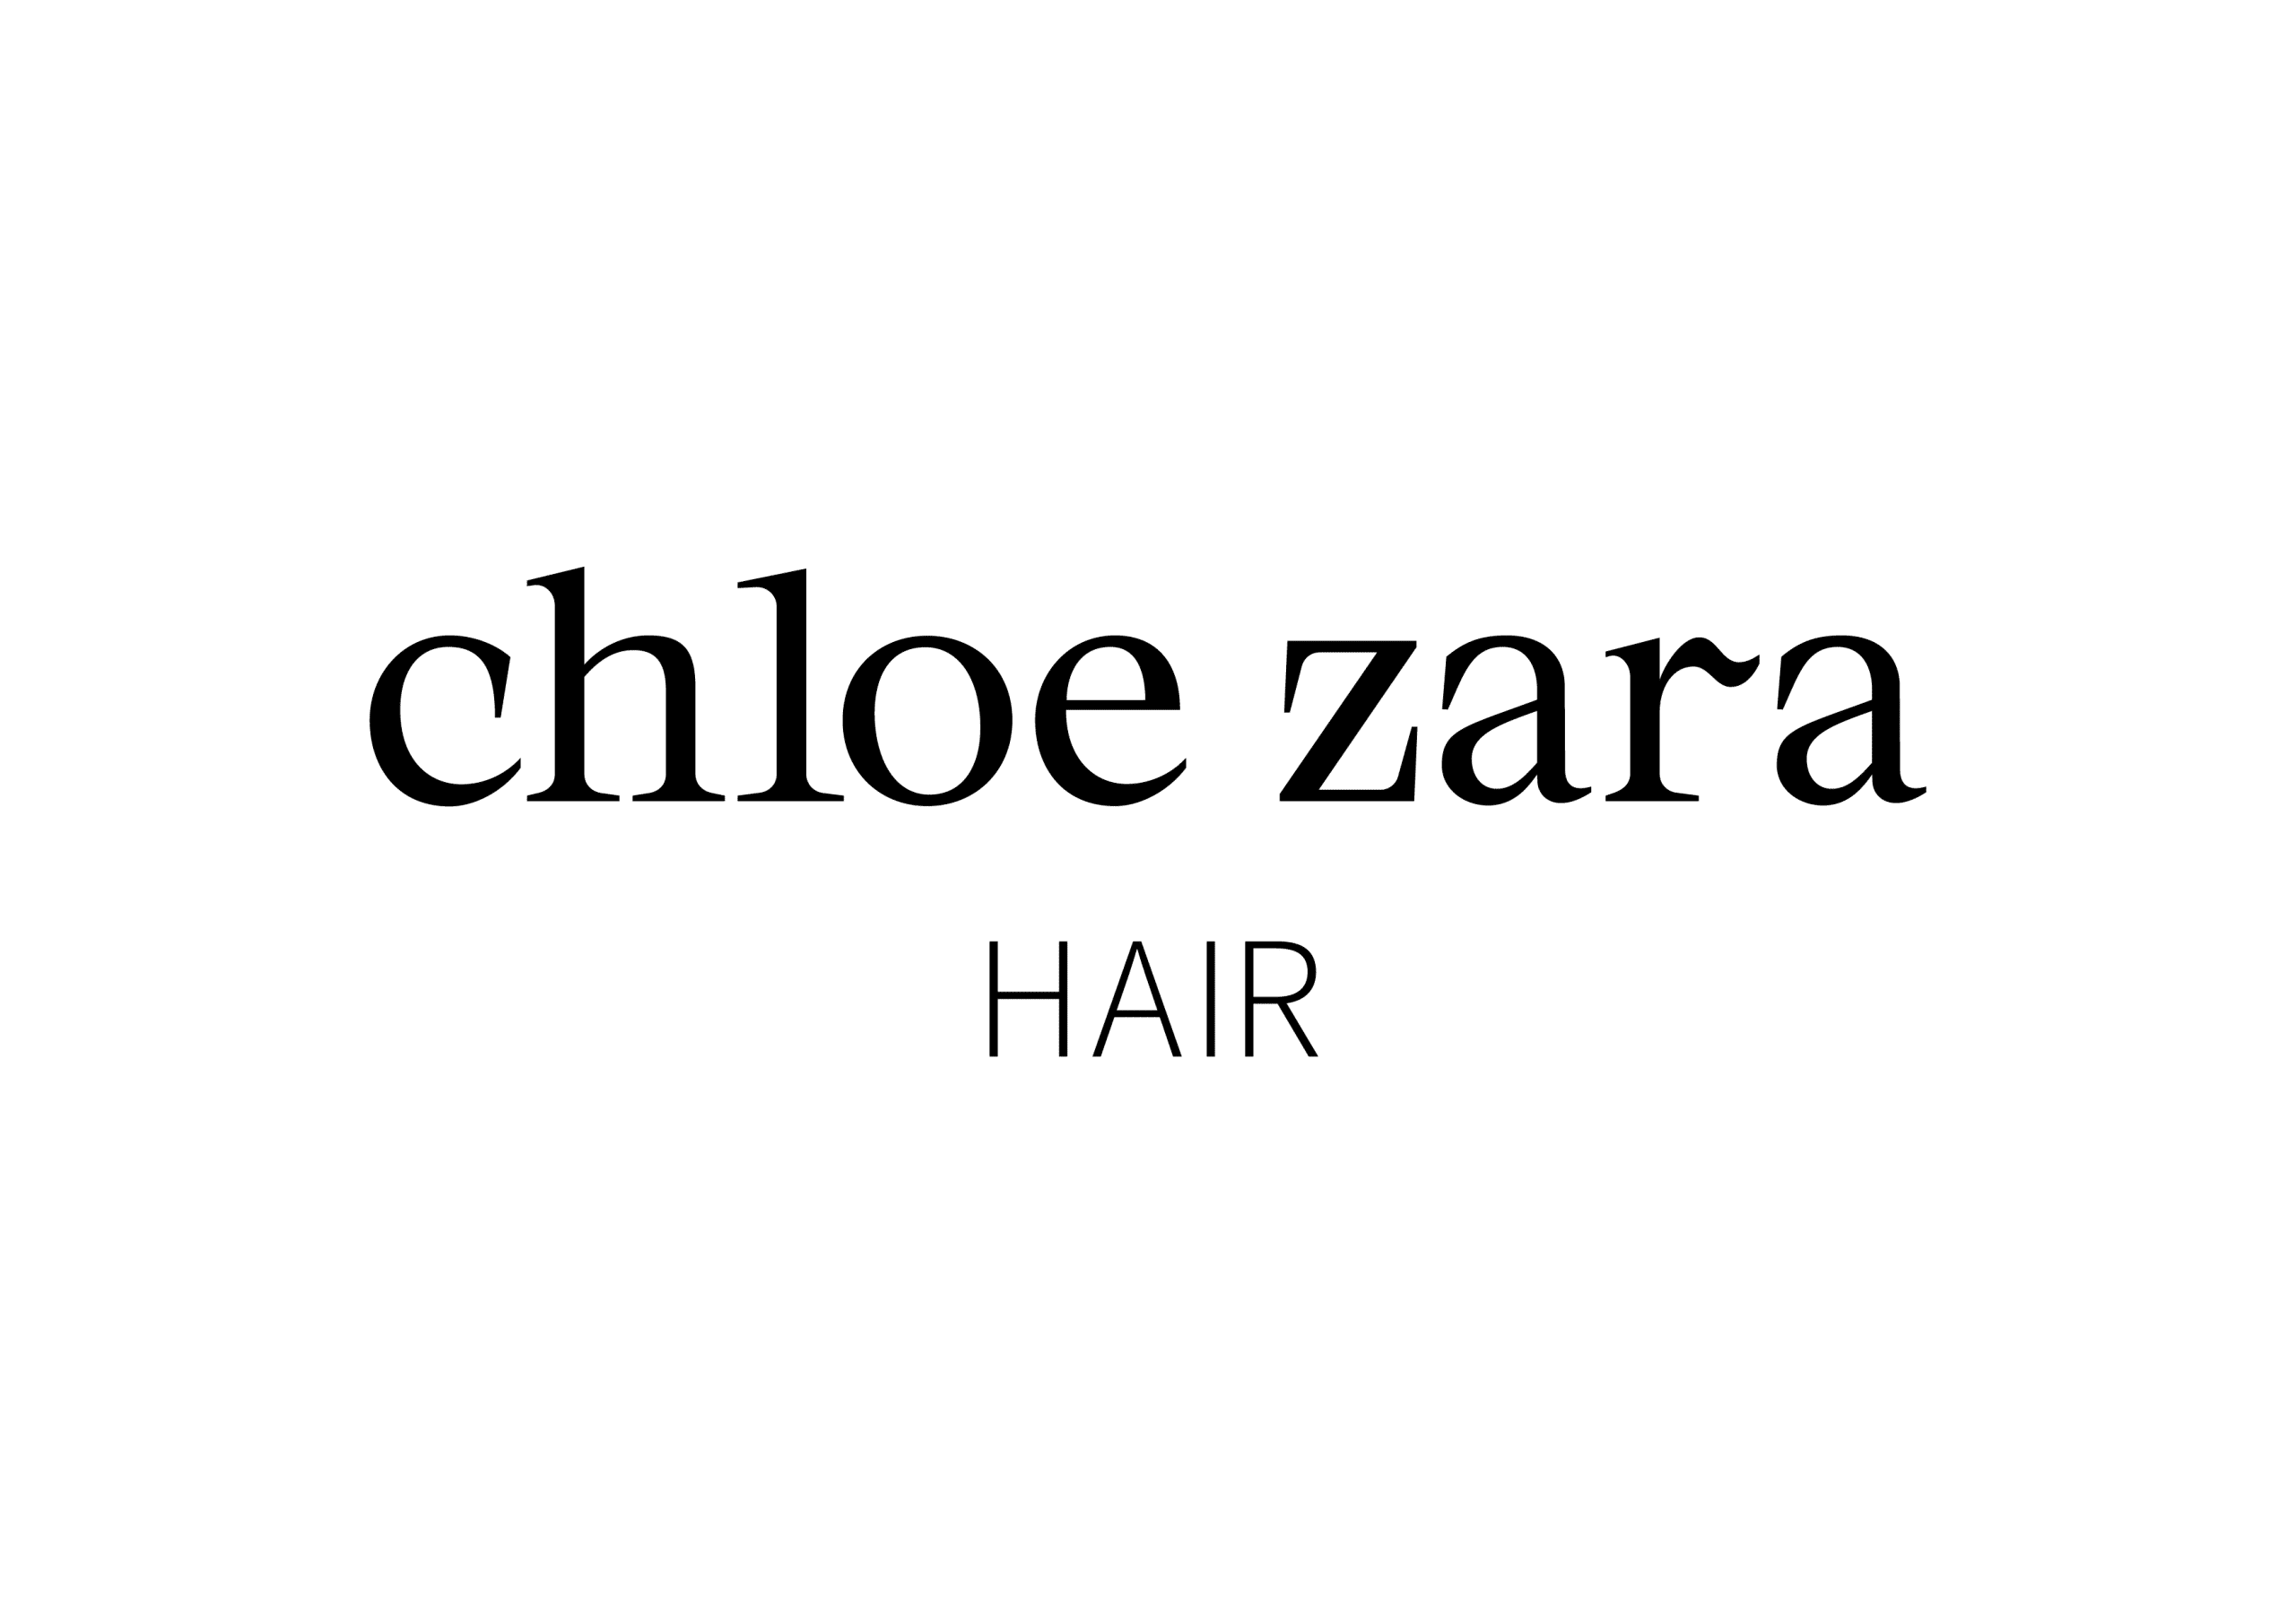 chloezarahair